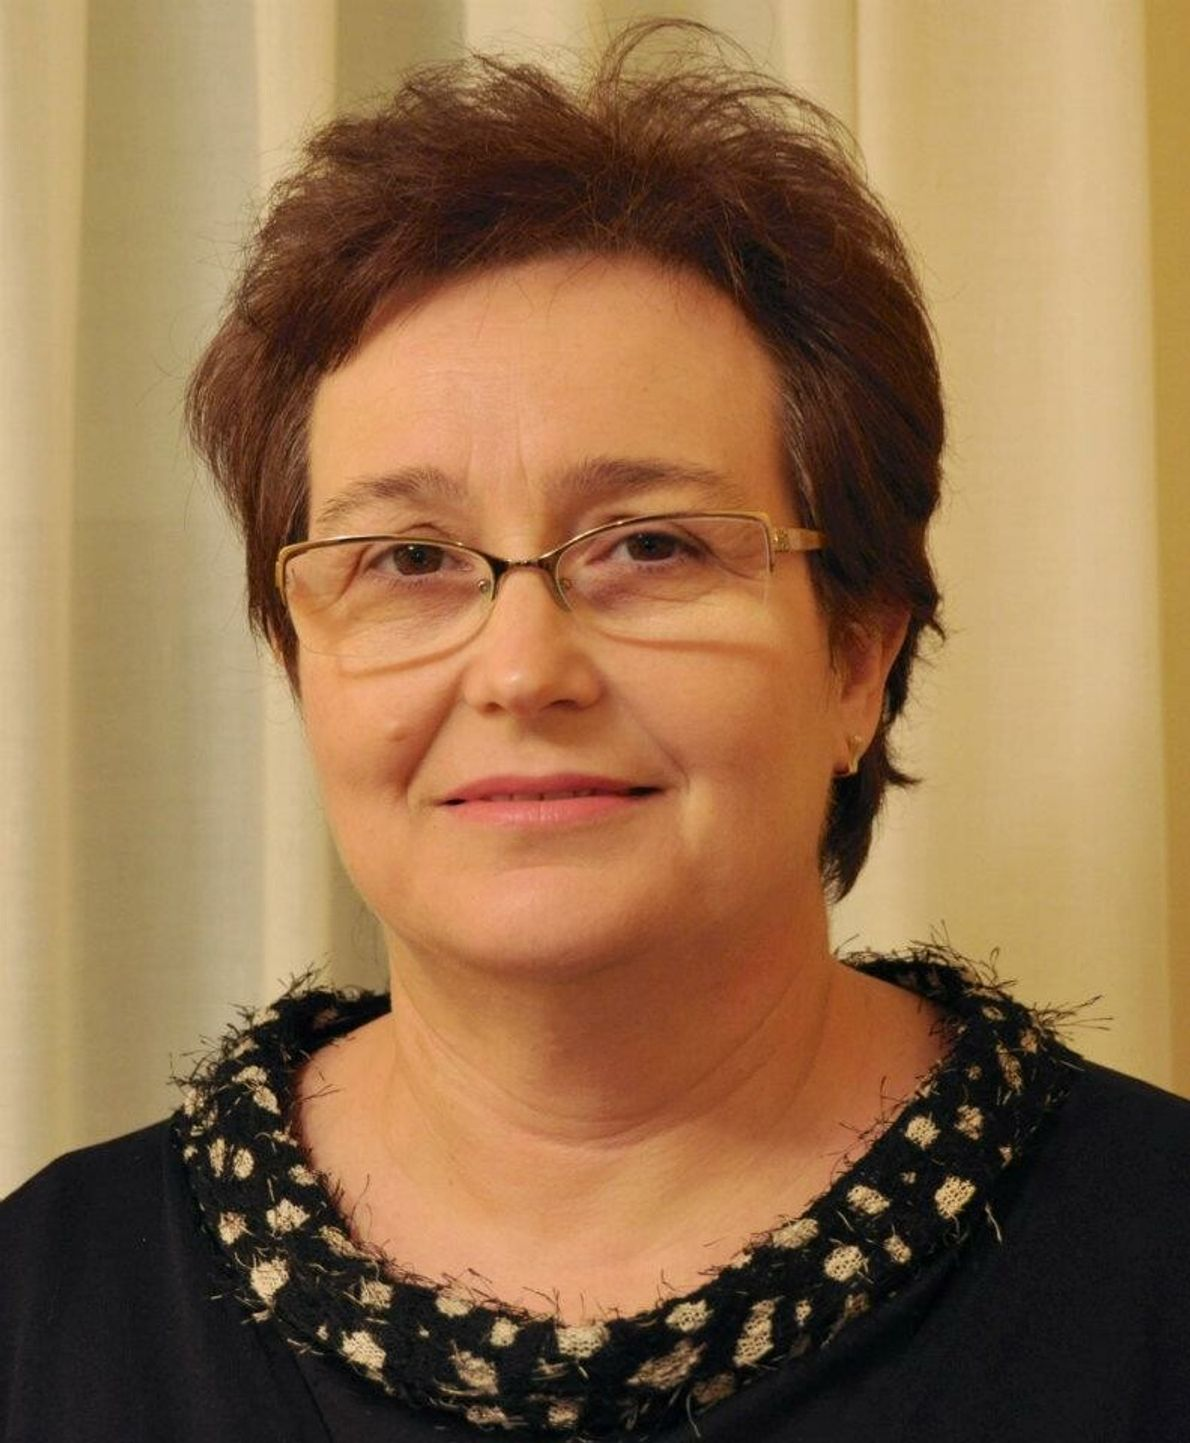 La bióloga y catedrática española Amparo Torreblanca Tamarit (Valencia, 1962) ha dedicado su carrera a estudiar ...